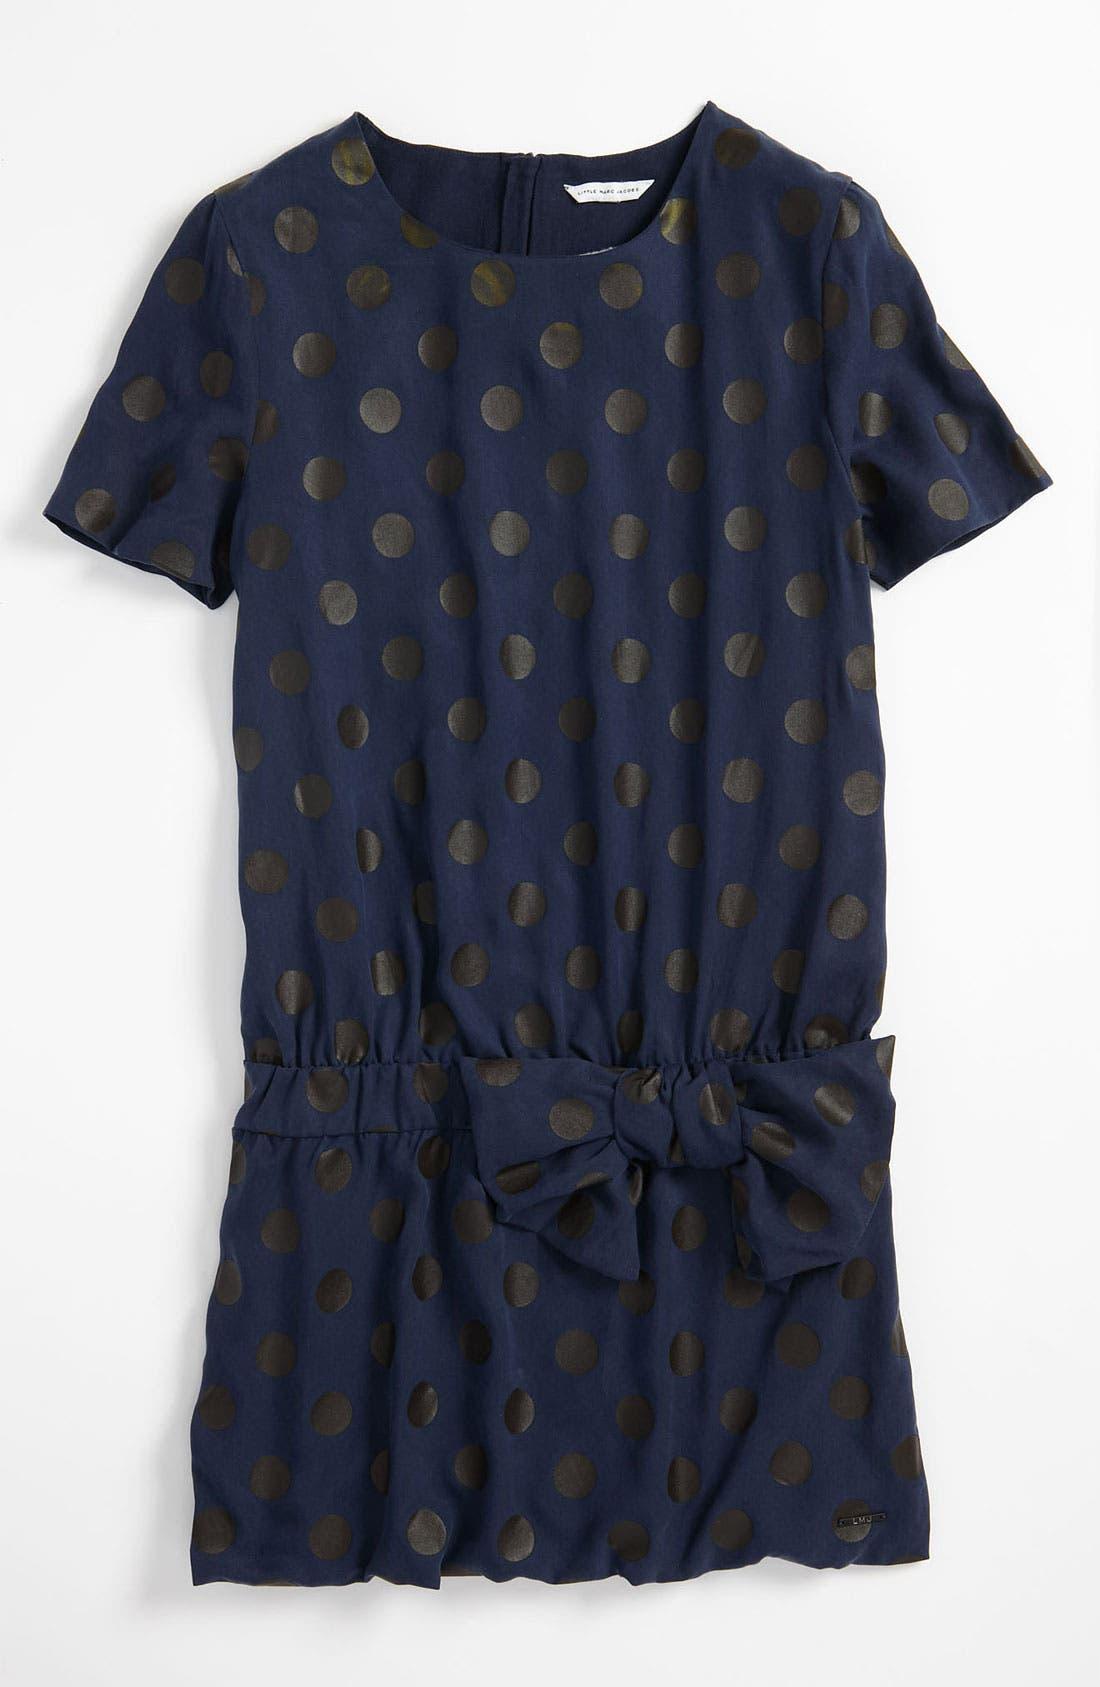 Alternate Image 1 Selected - LITTLE MARC JACOBS Polka Dot Dress (Little Girls & Big Girls)